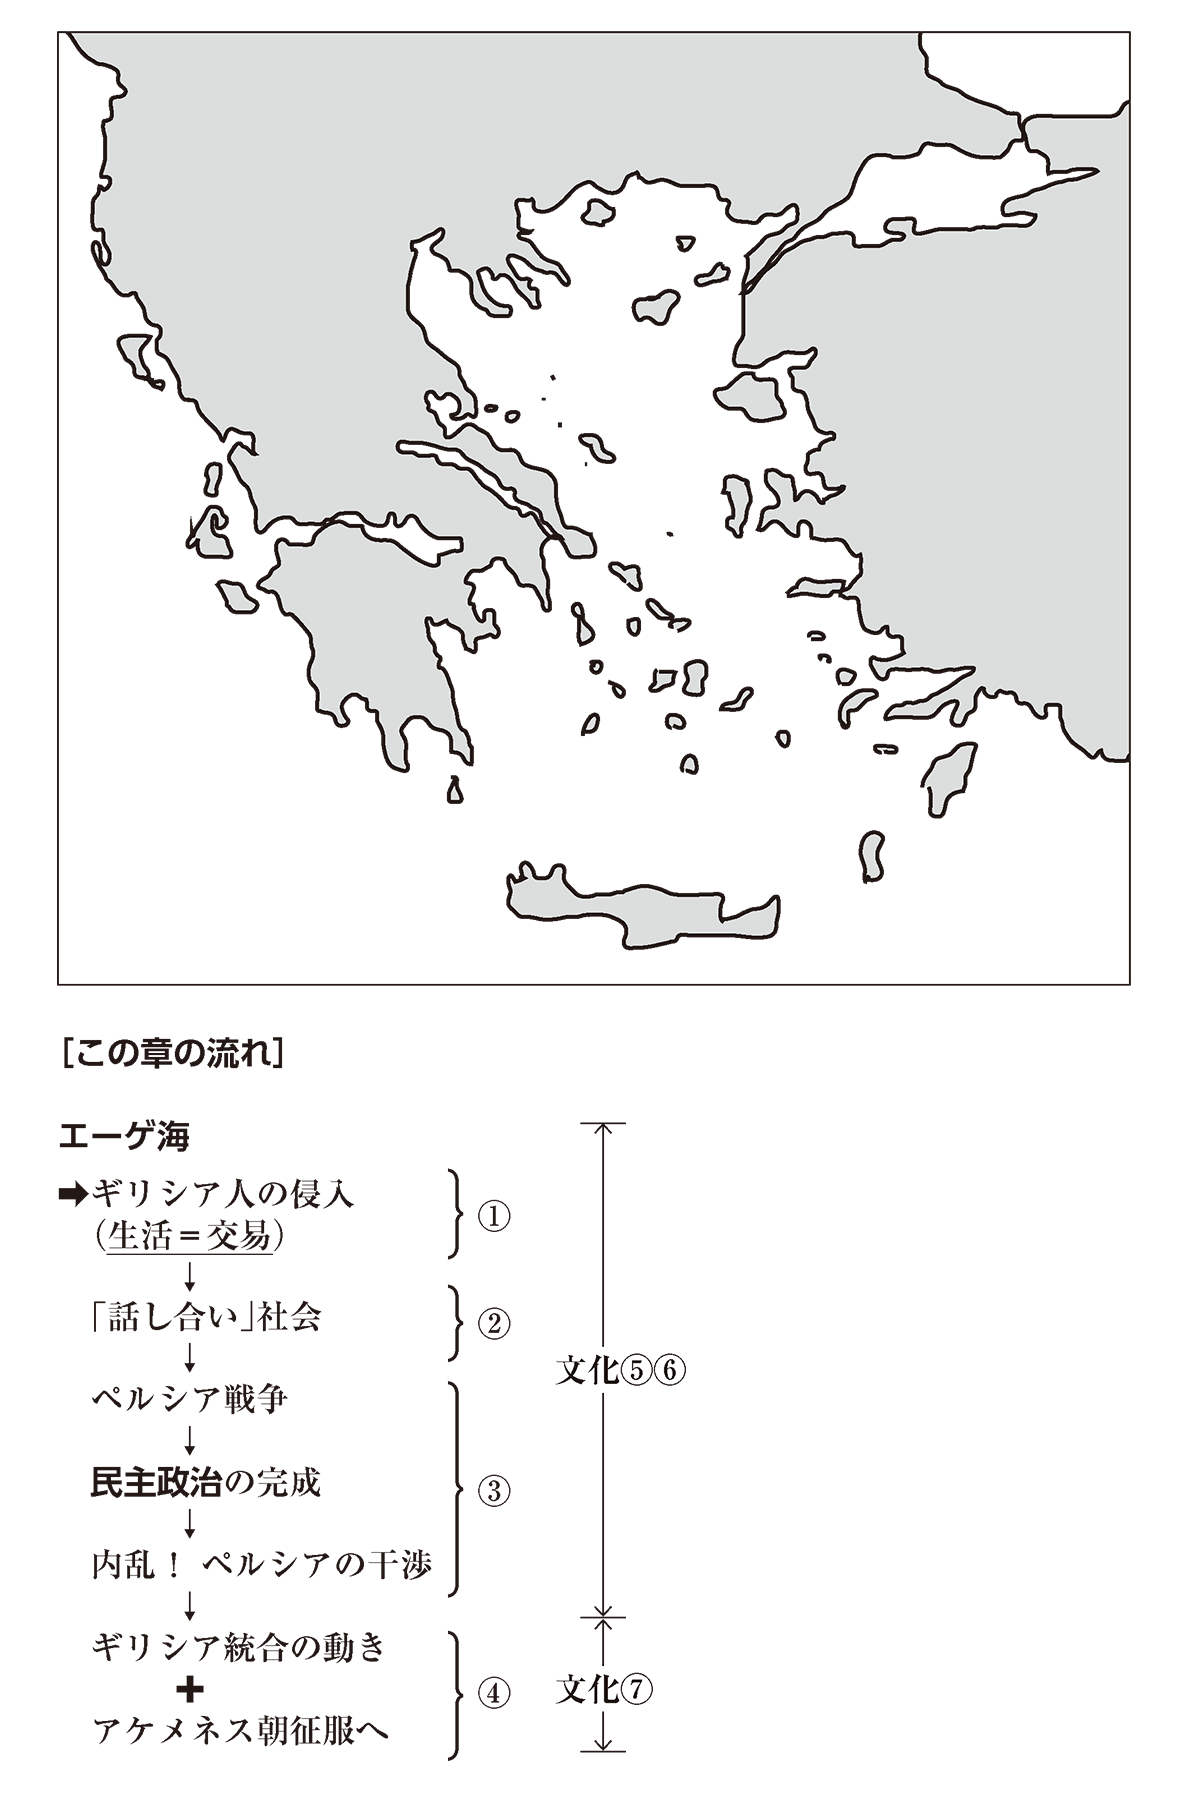 高校世界史 ギリシア世界0 右ページの地図と下部のテキスト